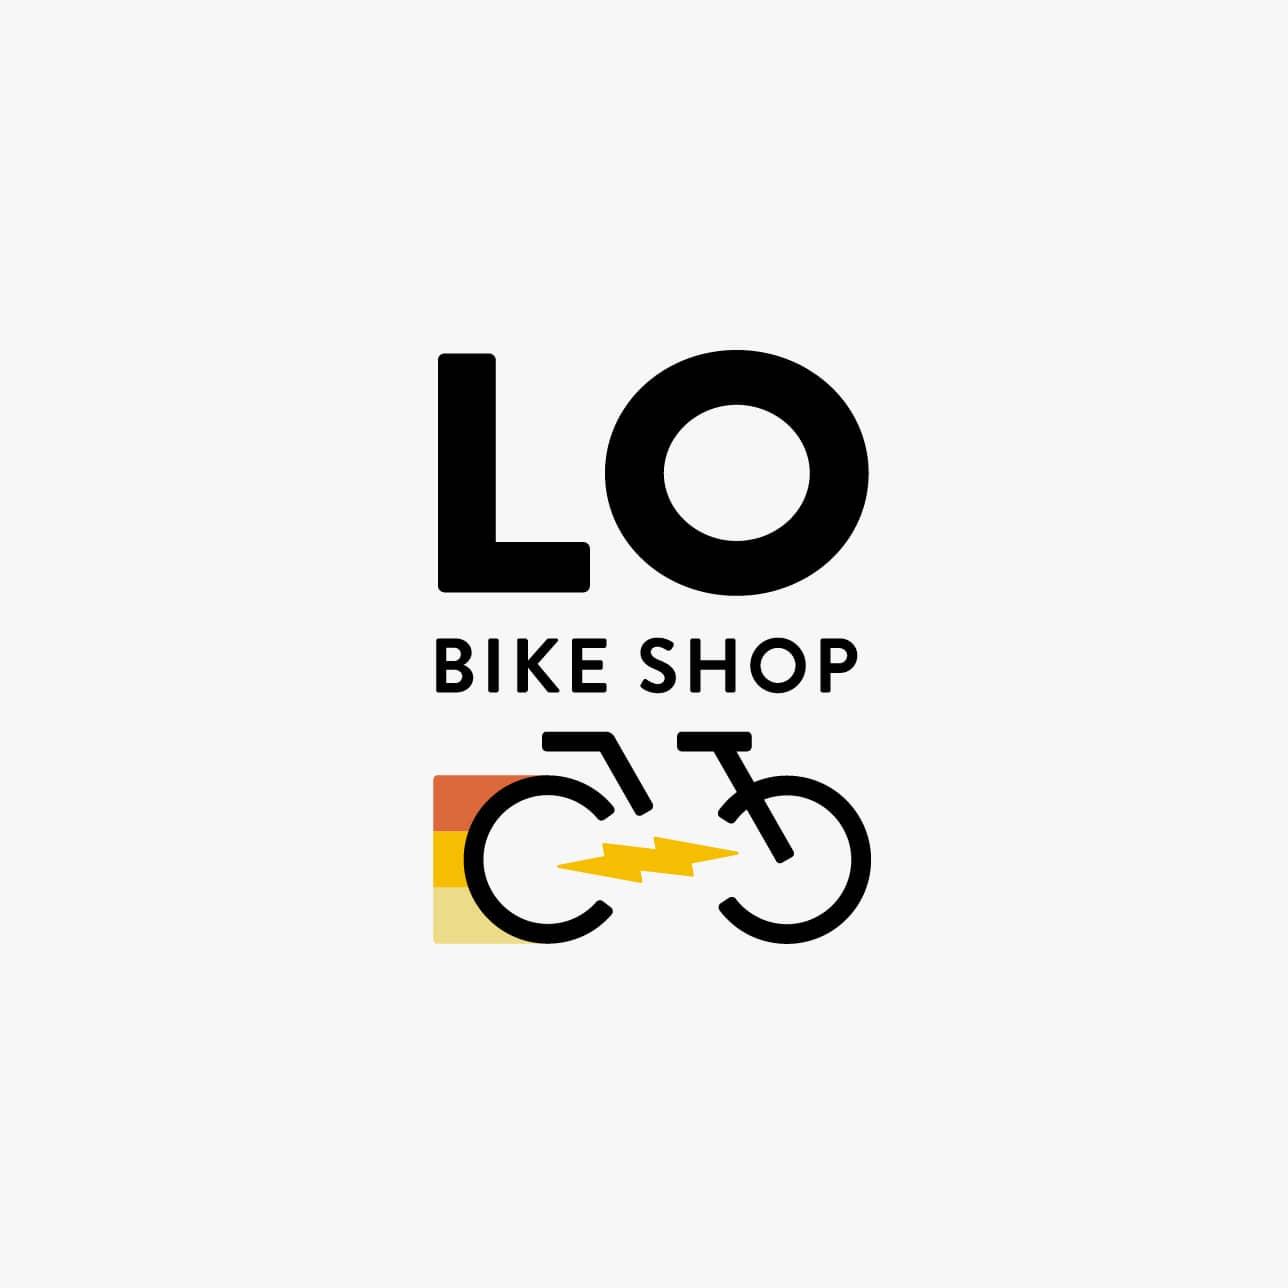 Stellen_Design_Graphic_Design_Logo_Design_Lo_BIke_Shop_ai-02